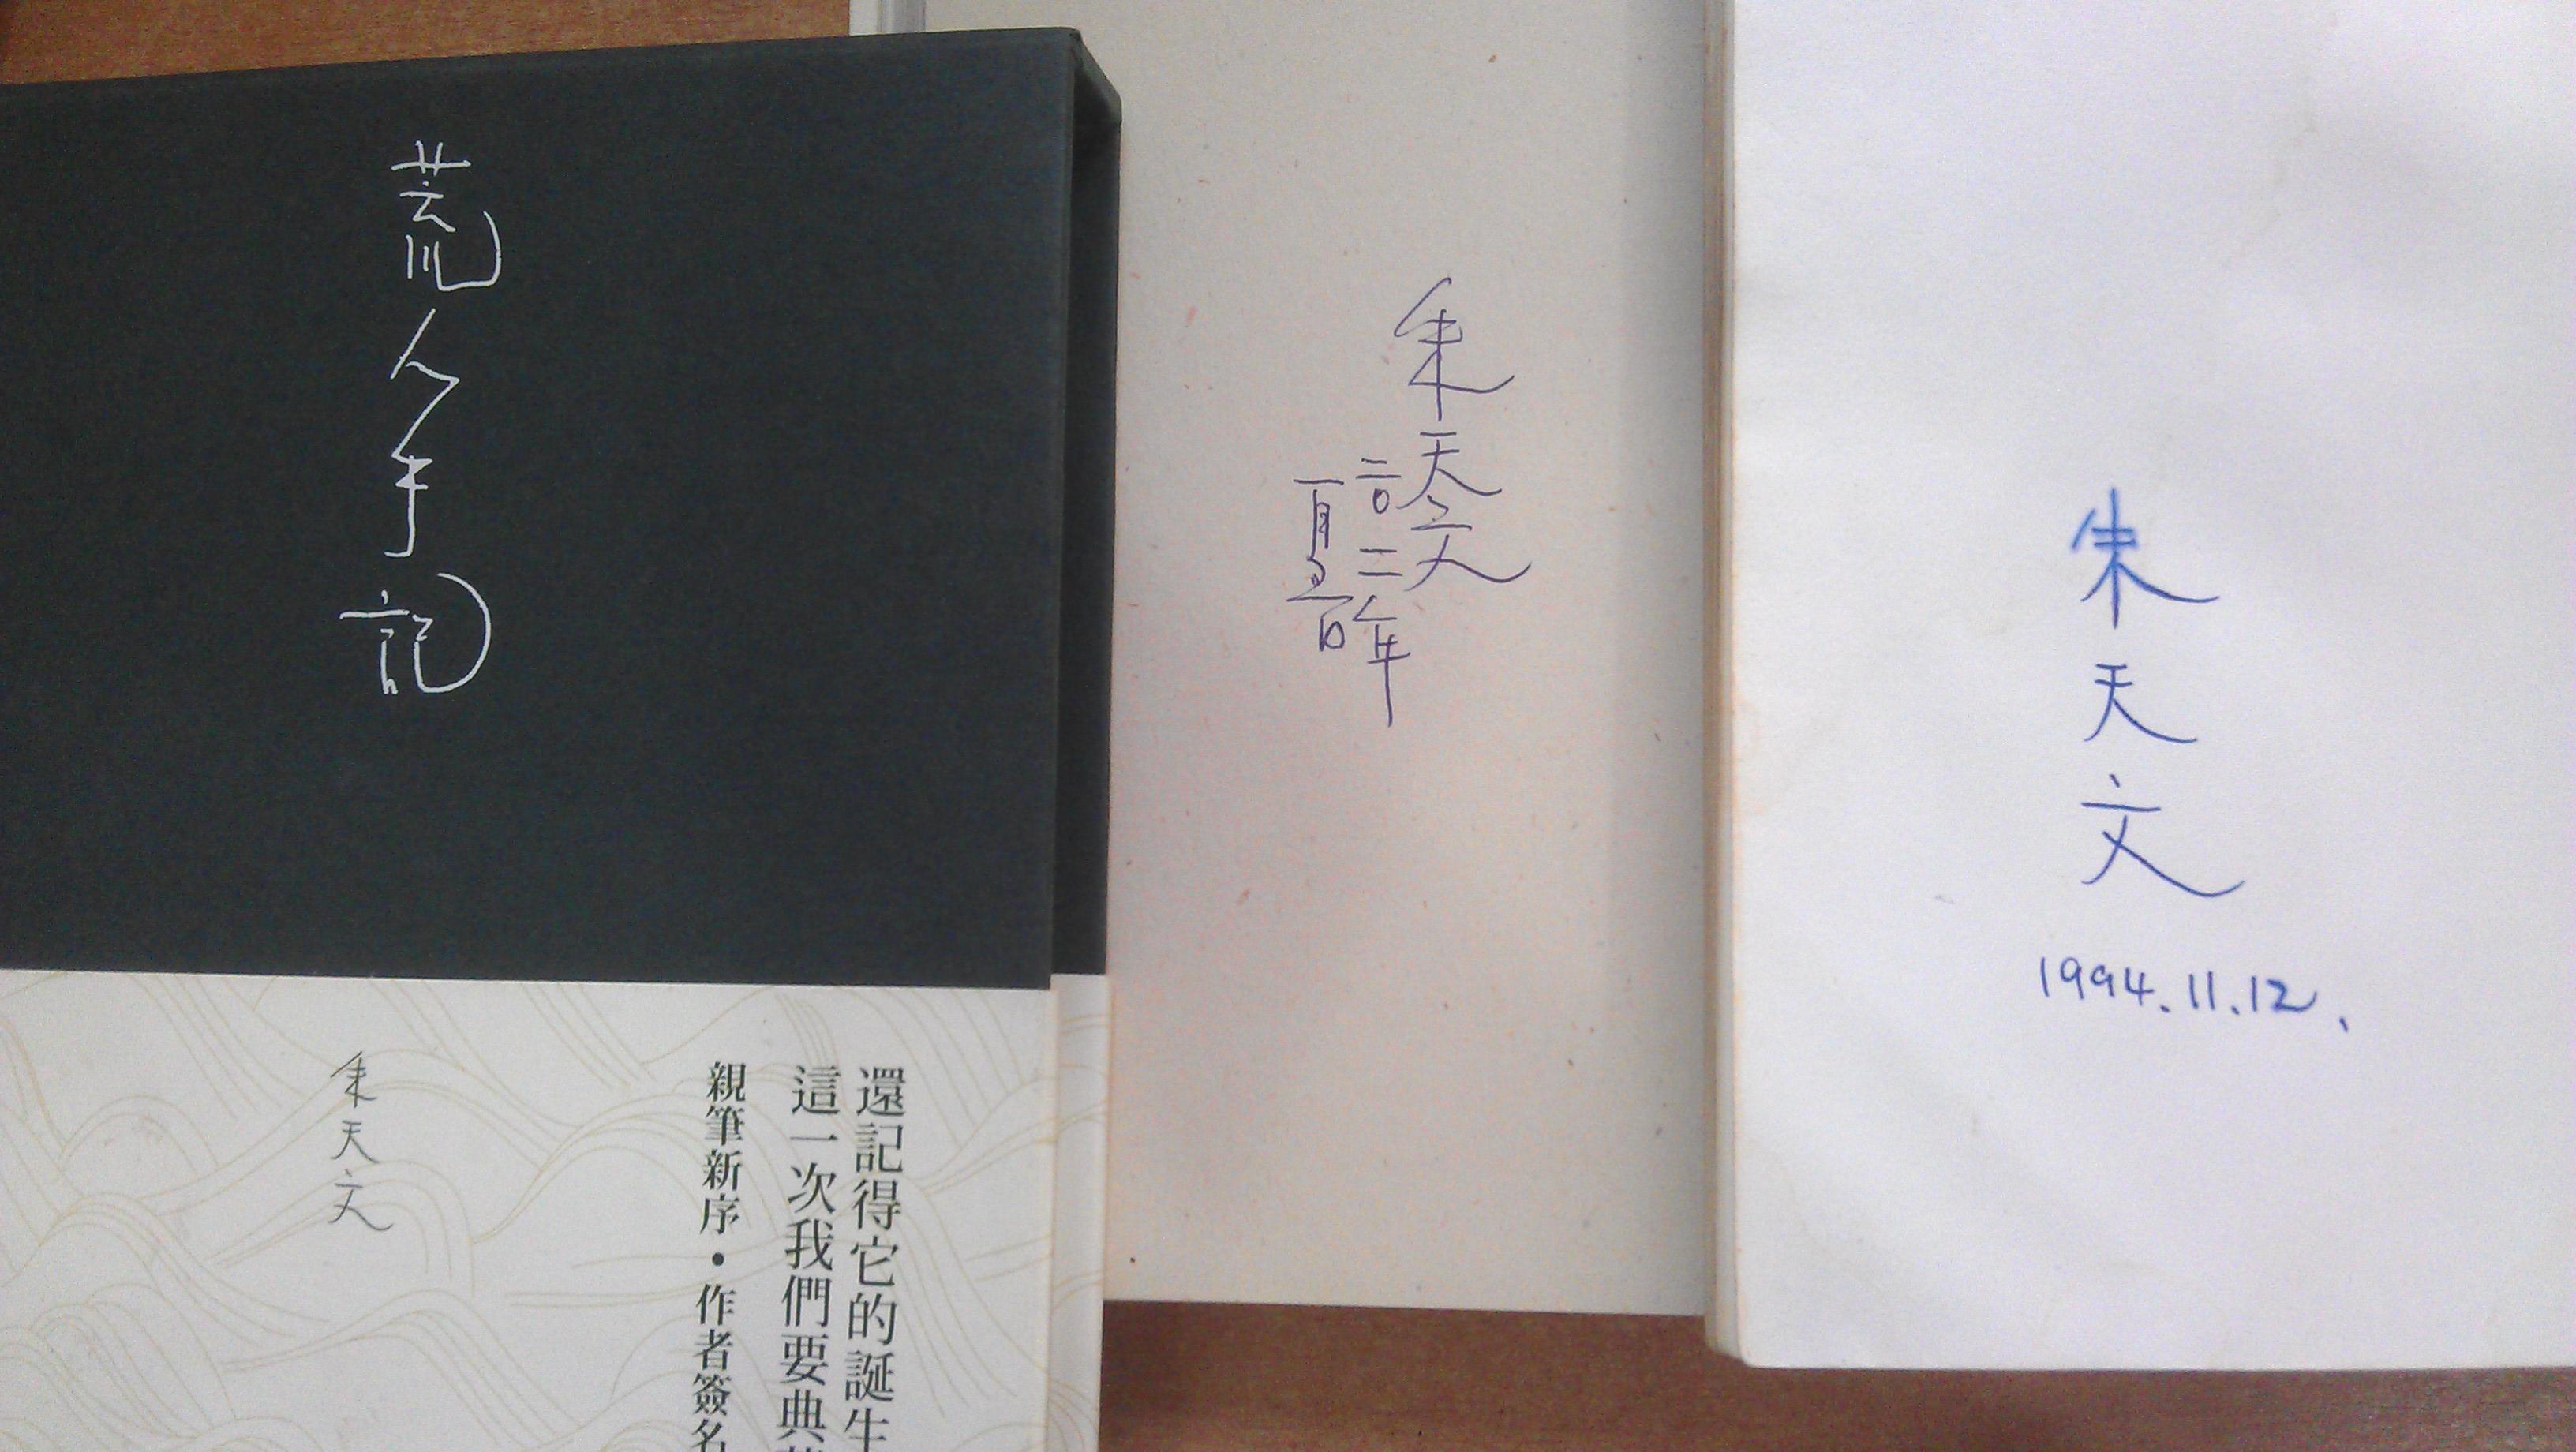 祭文:《荒人手記》二十週年(1994-2014) | 寫在邊上 Write on the margin